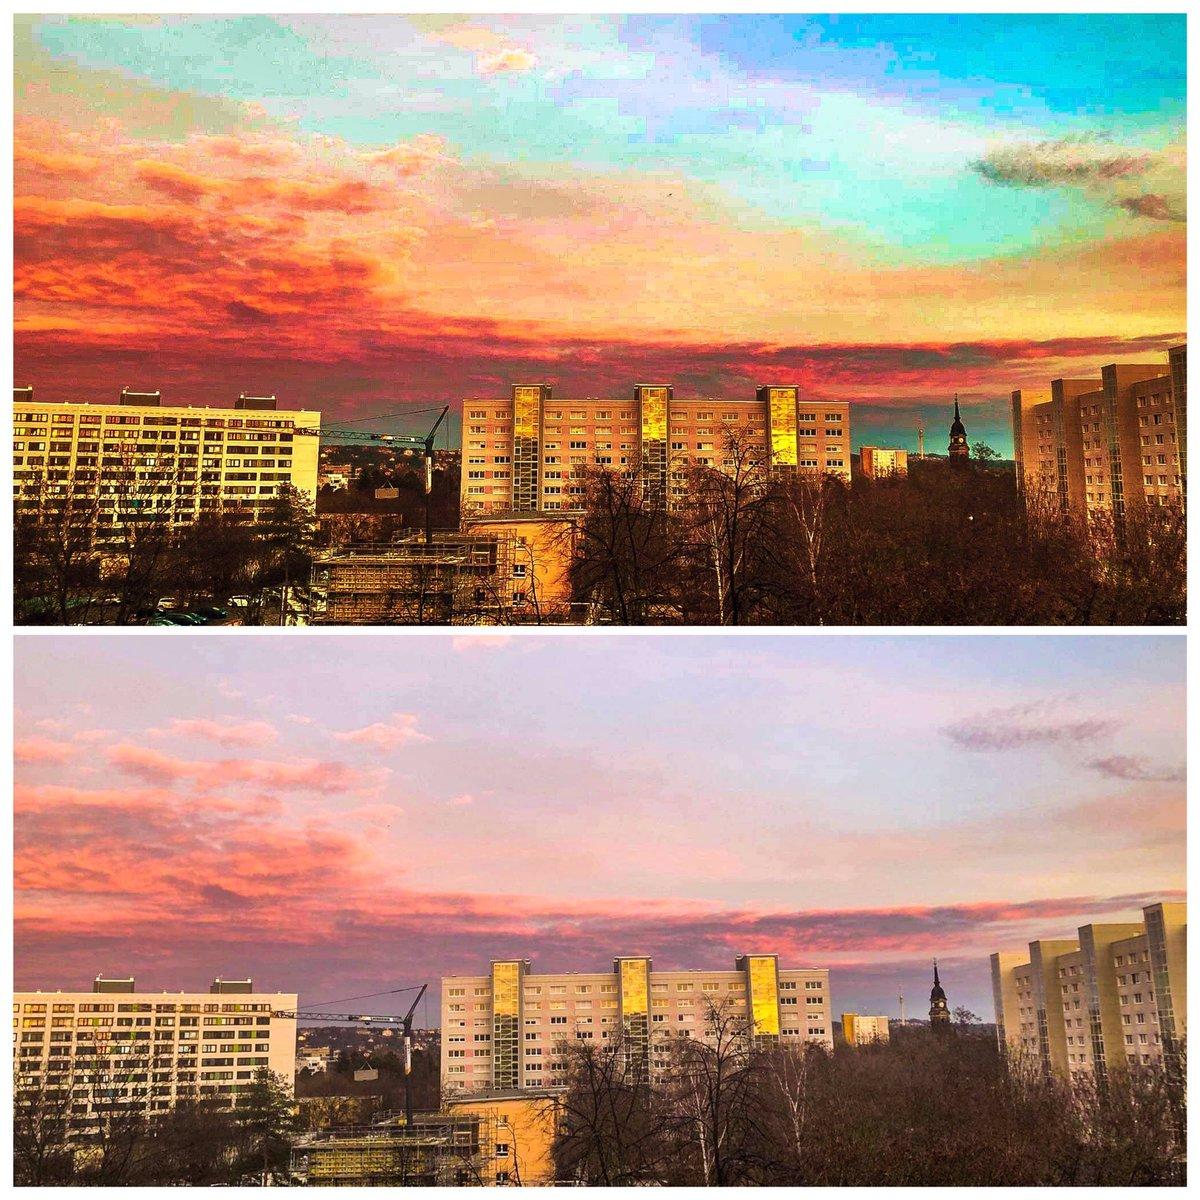 Zwei Fotos vom heutigen Abendhimmel #dresden #dresdenaltstadt #ostmoderne #sunset #wochenendepic.twitter.com/FgvZdSBZCd